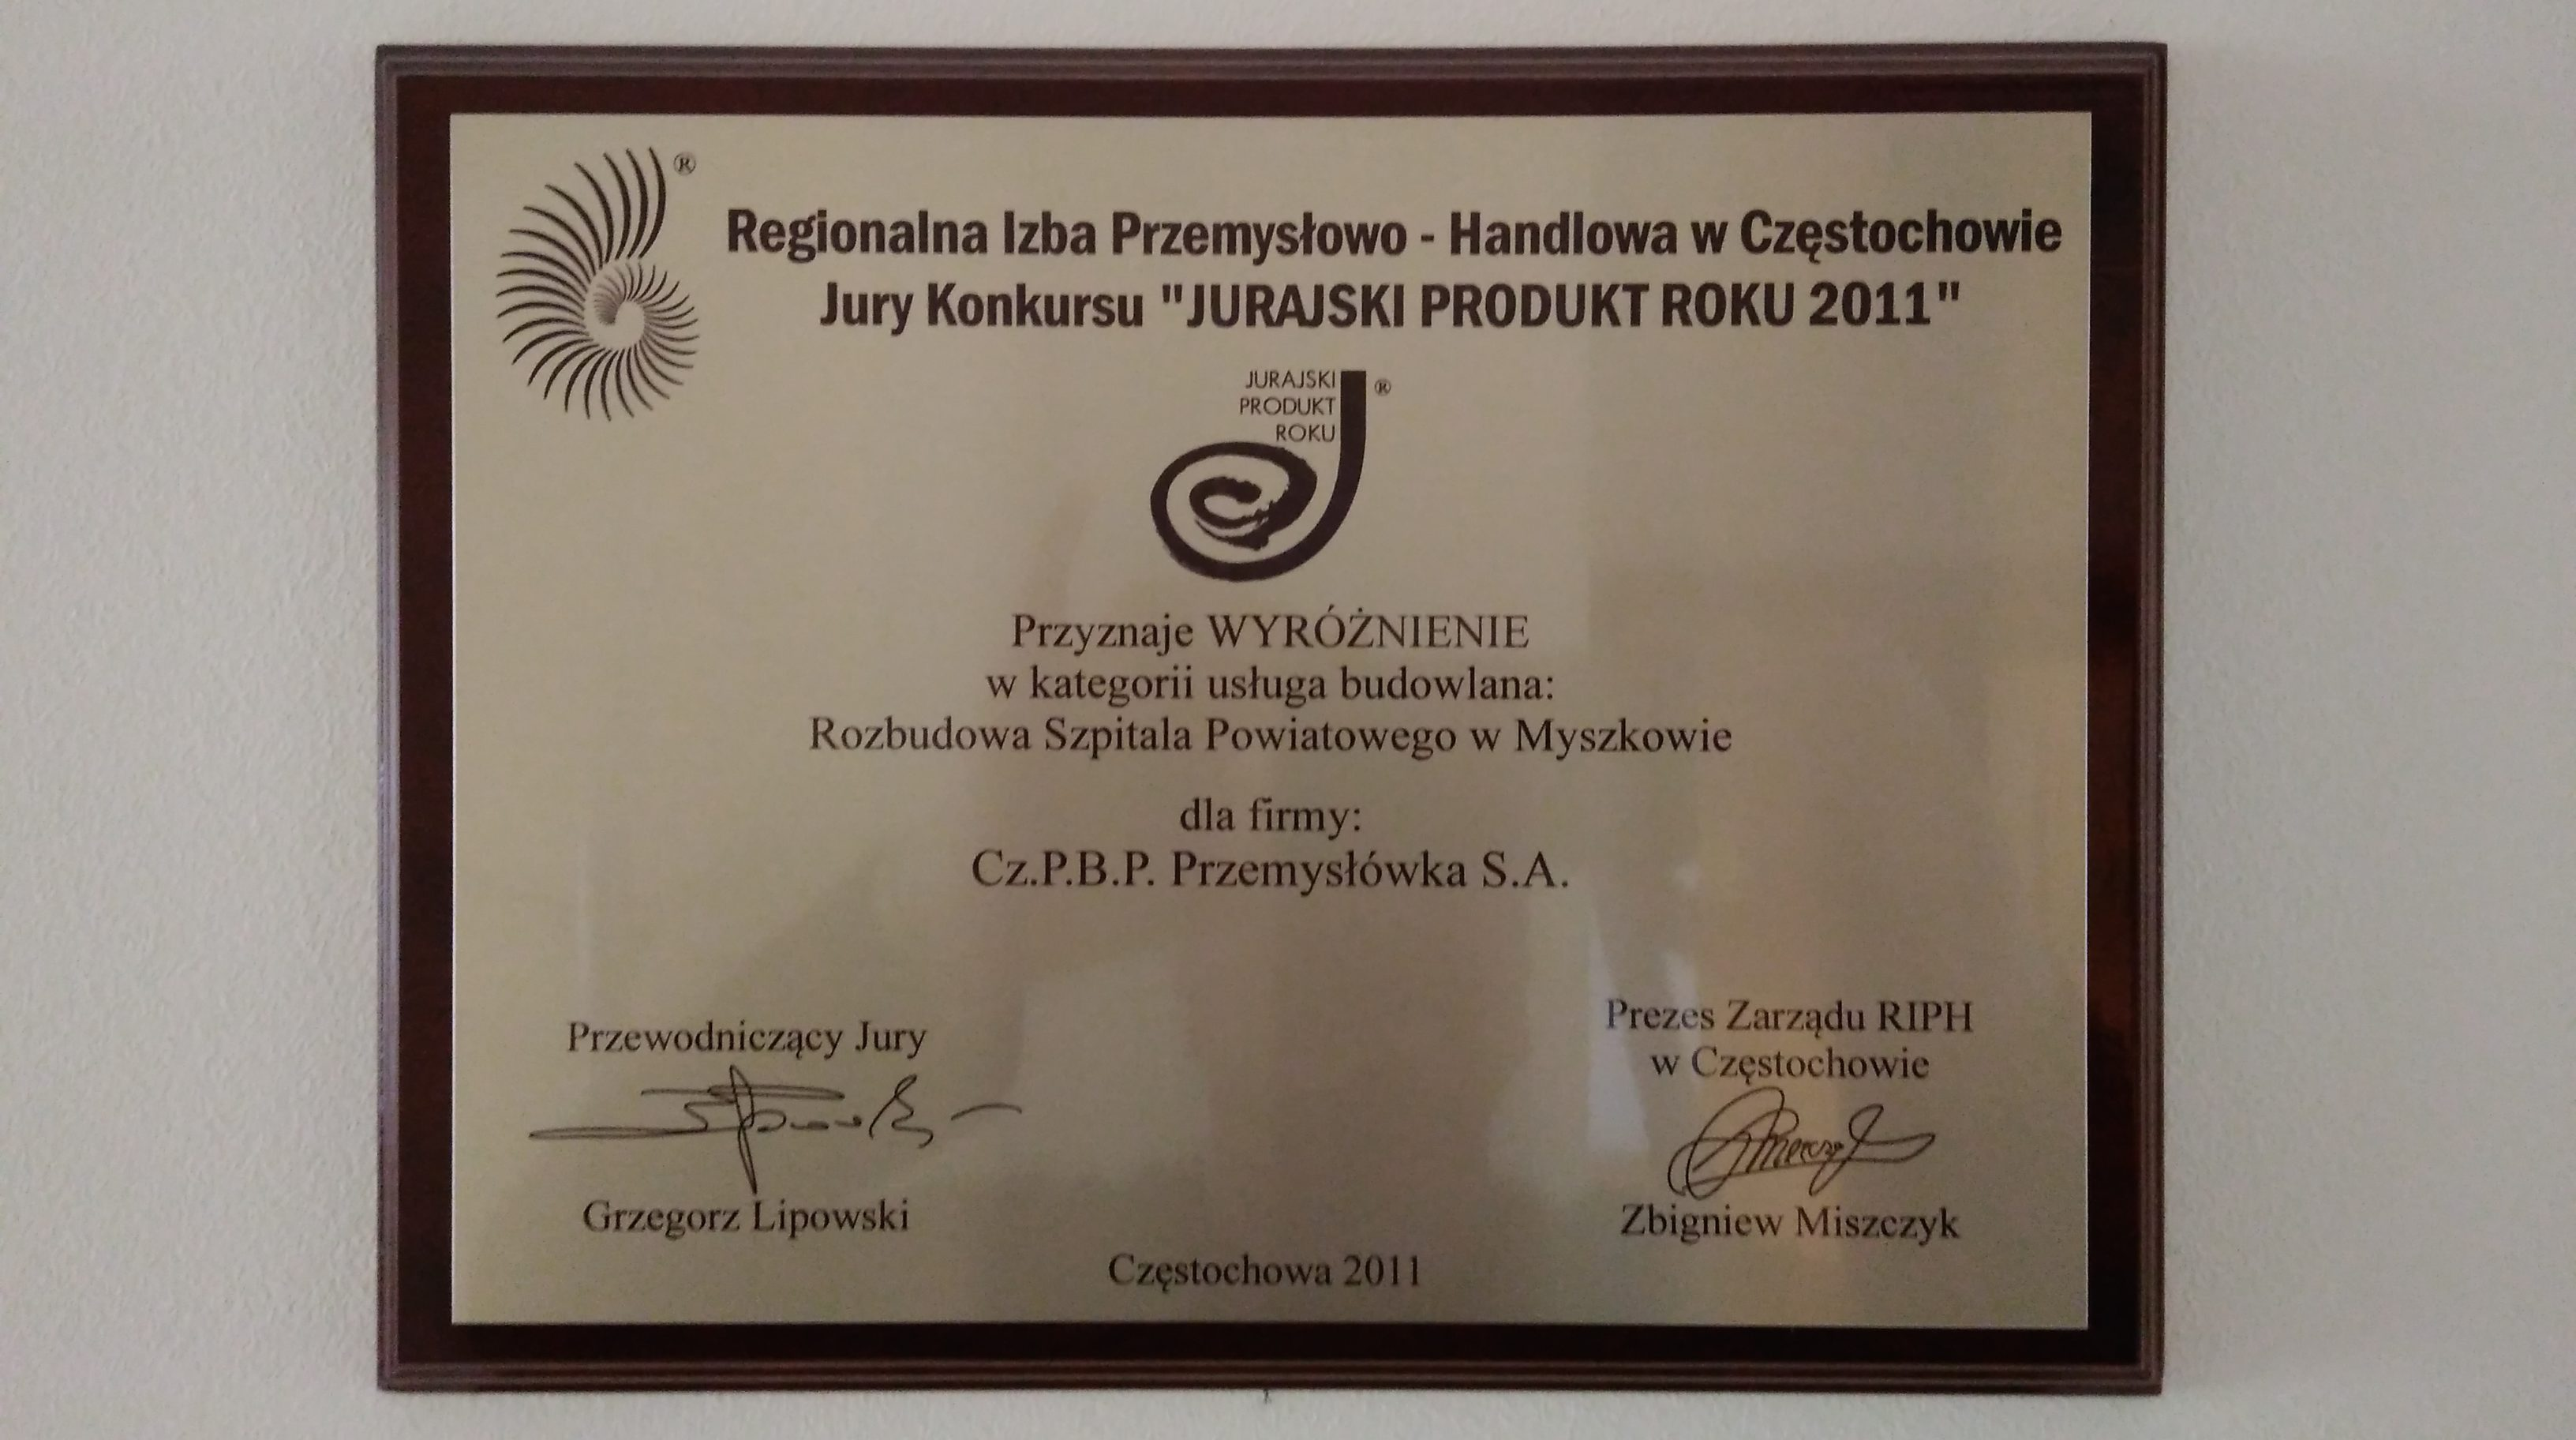 Jurajski Produkt Roku 2011 - Rozbudowa Szpitala Powiatowego w Myszkowie